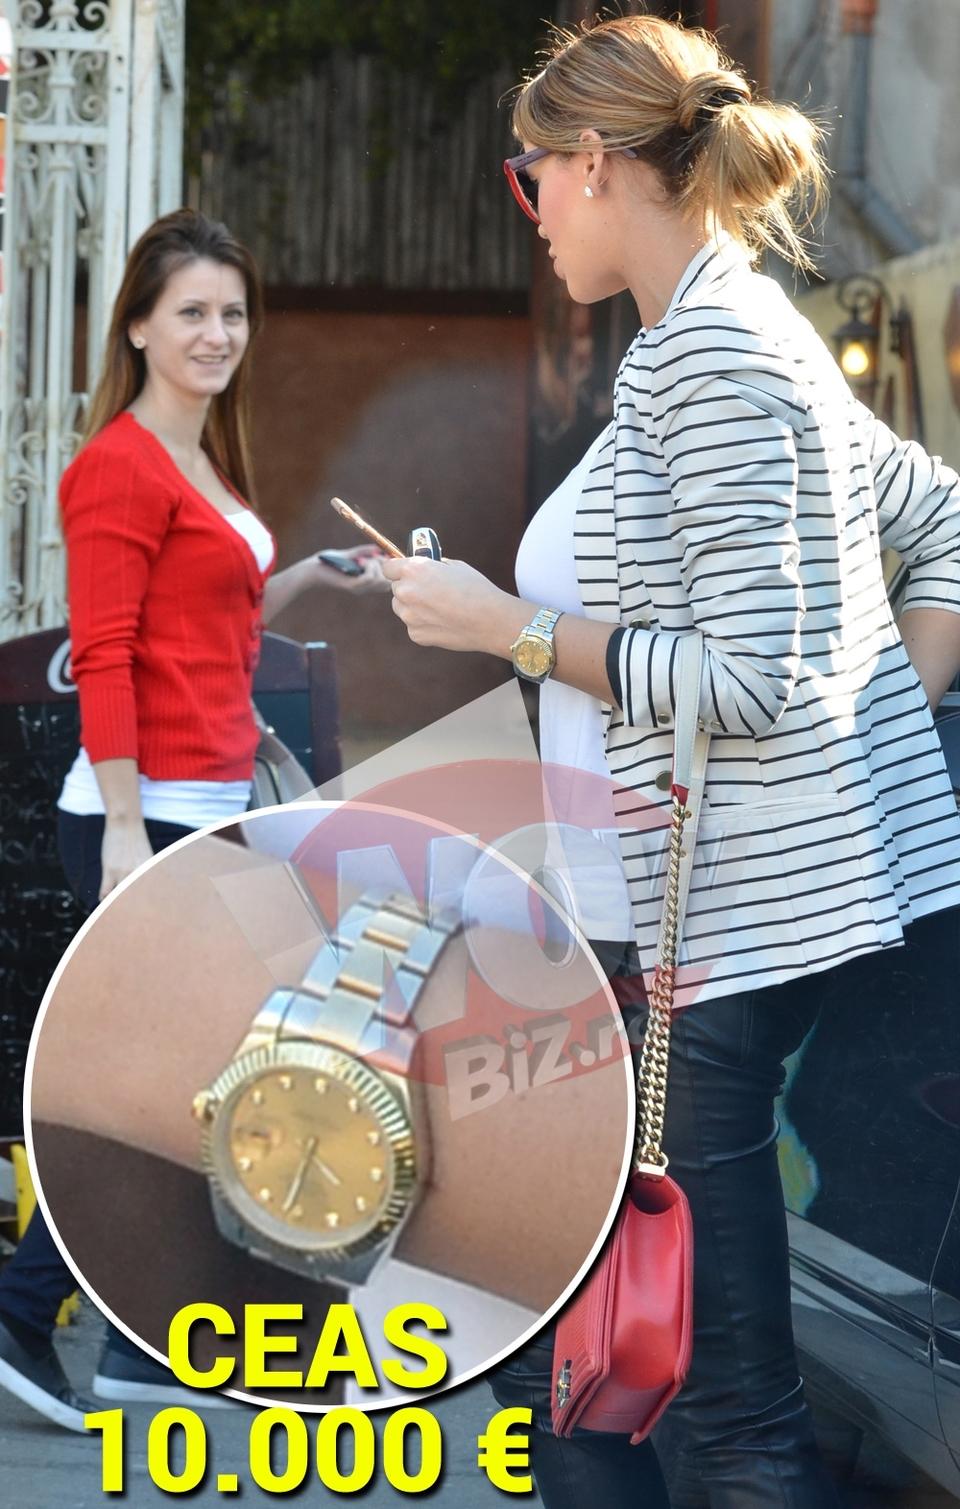 """VIDEO EXCLUSIV! WOW! Bianca a iesit sa ia pranzul in oras cu fetele si... s-a imbracat de 20.000 de euro! Culmea, nu era nici o ocazie mai deosebita! Pretul gentii se ridica la 4.500 de euro, iar ceasul, la... """"doar"""" la 10.000 de euro!"""